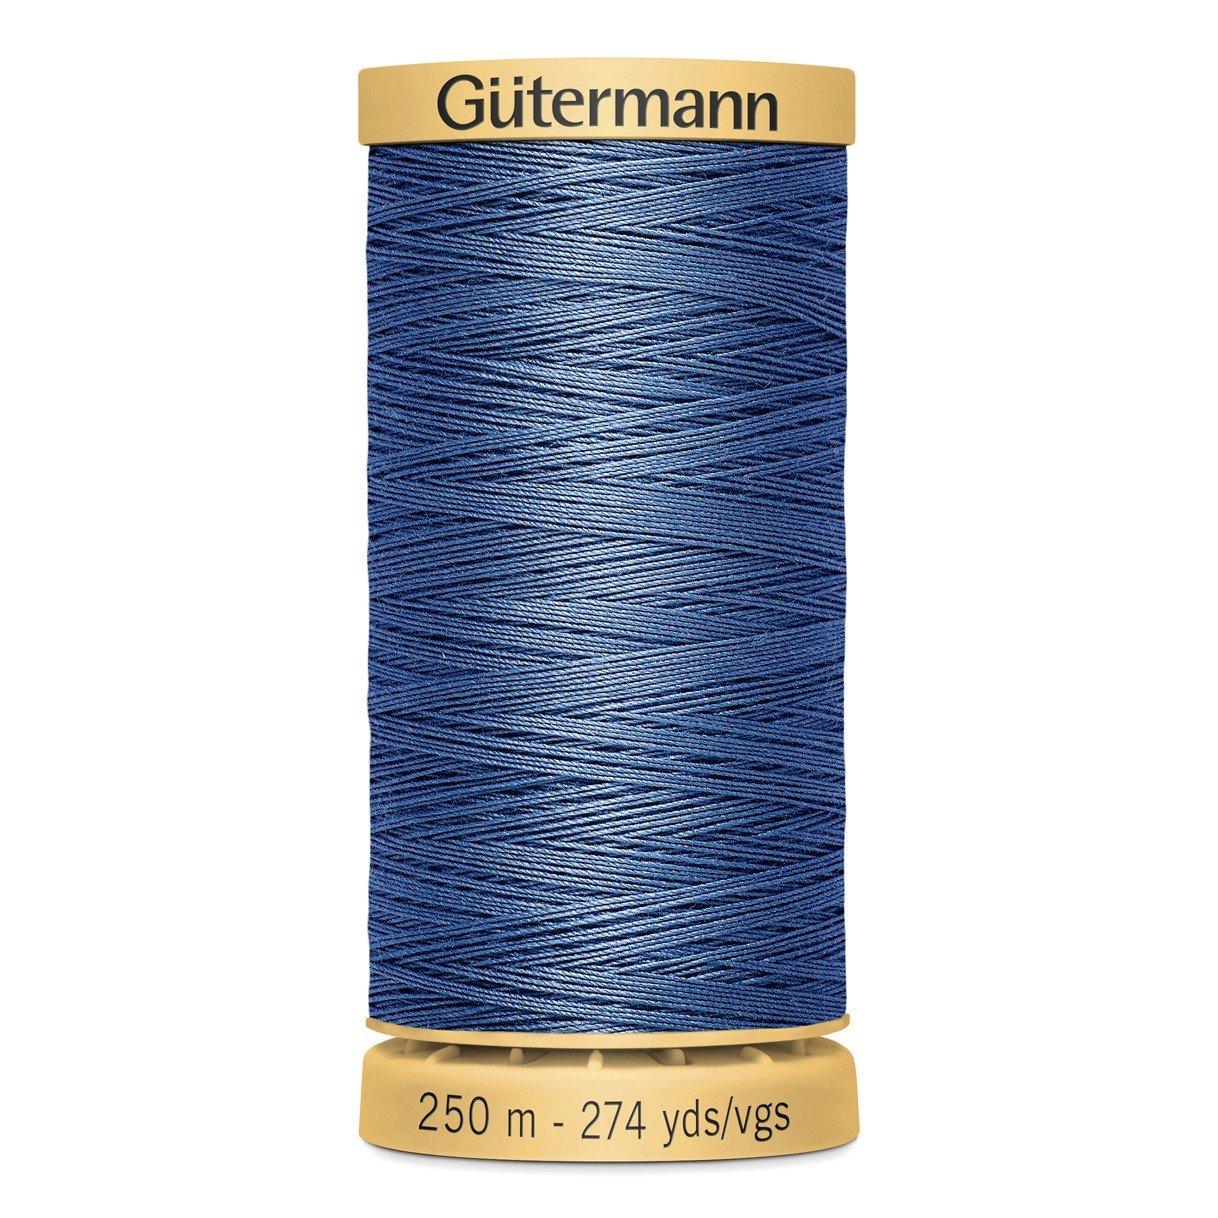 Gutermann Natural Cotton Ne 50 Thread 250m - 5624